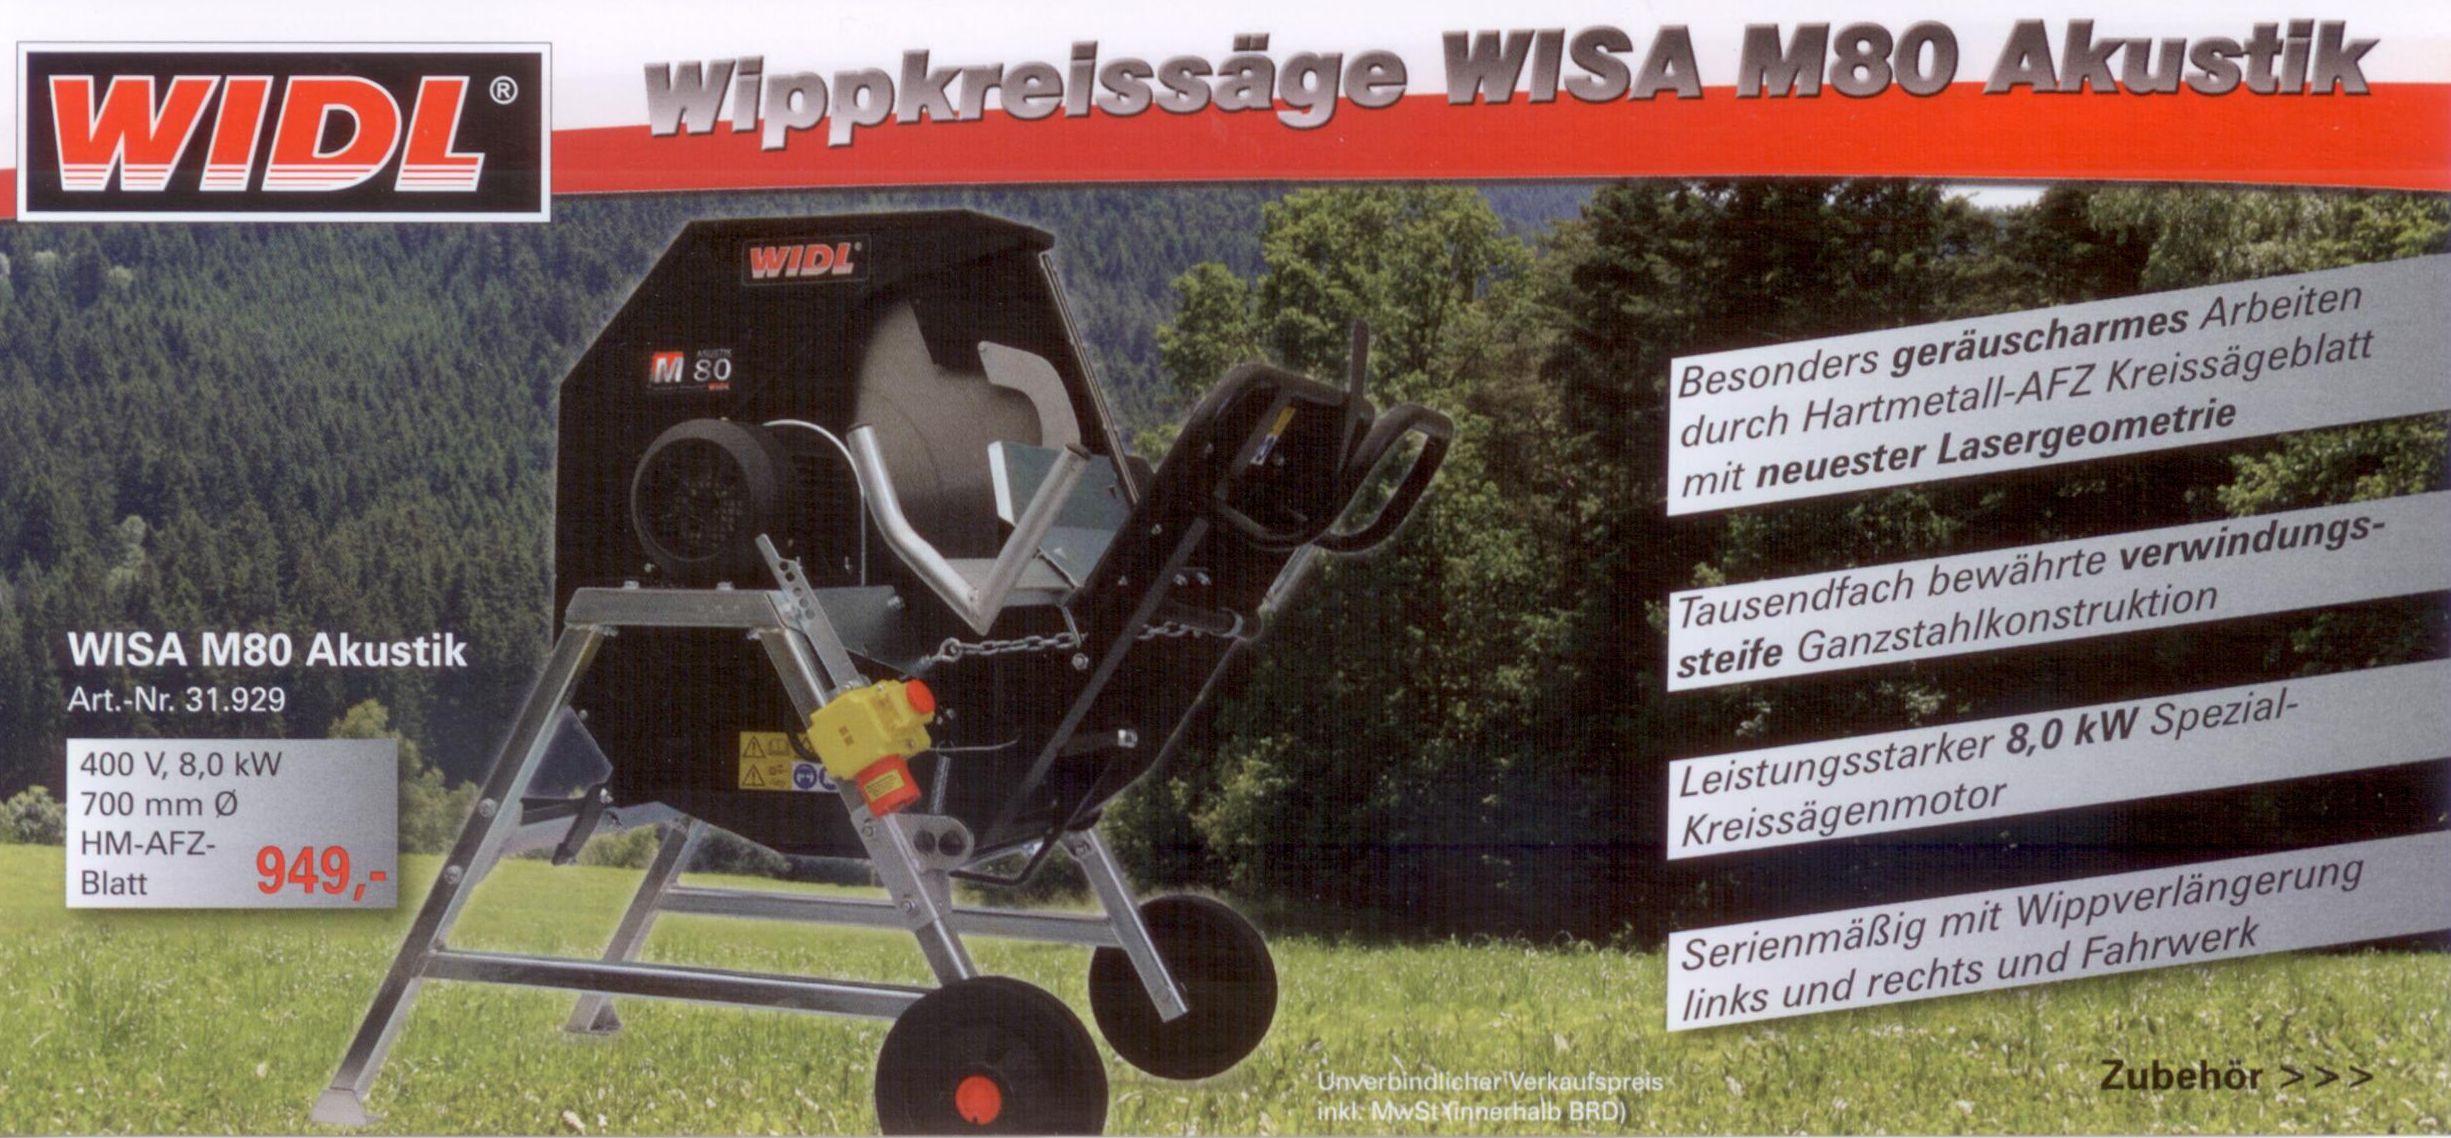 WIDL Wippkreissäge WISA M80 Akustik